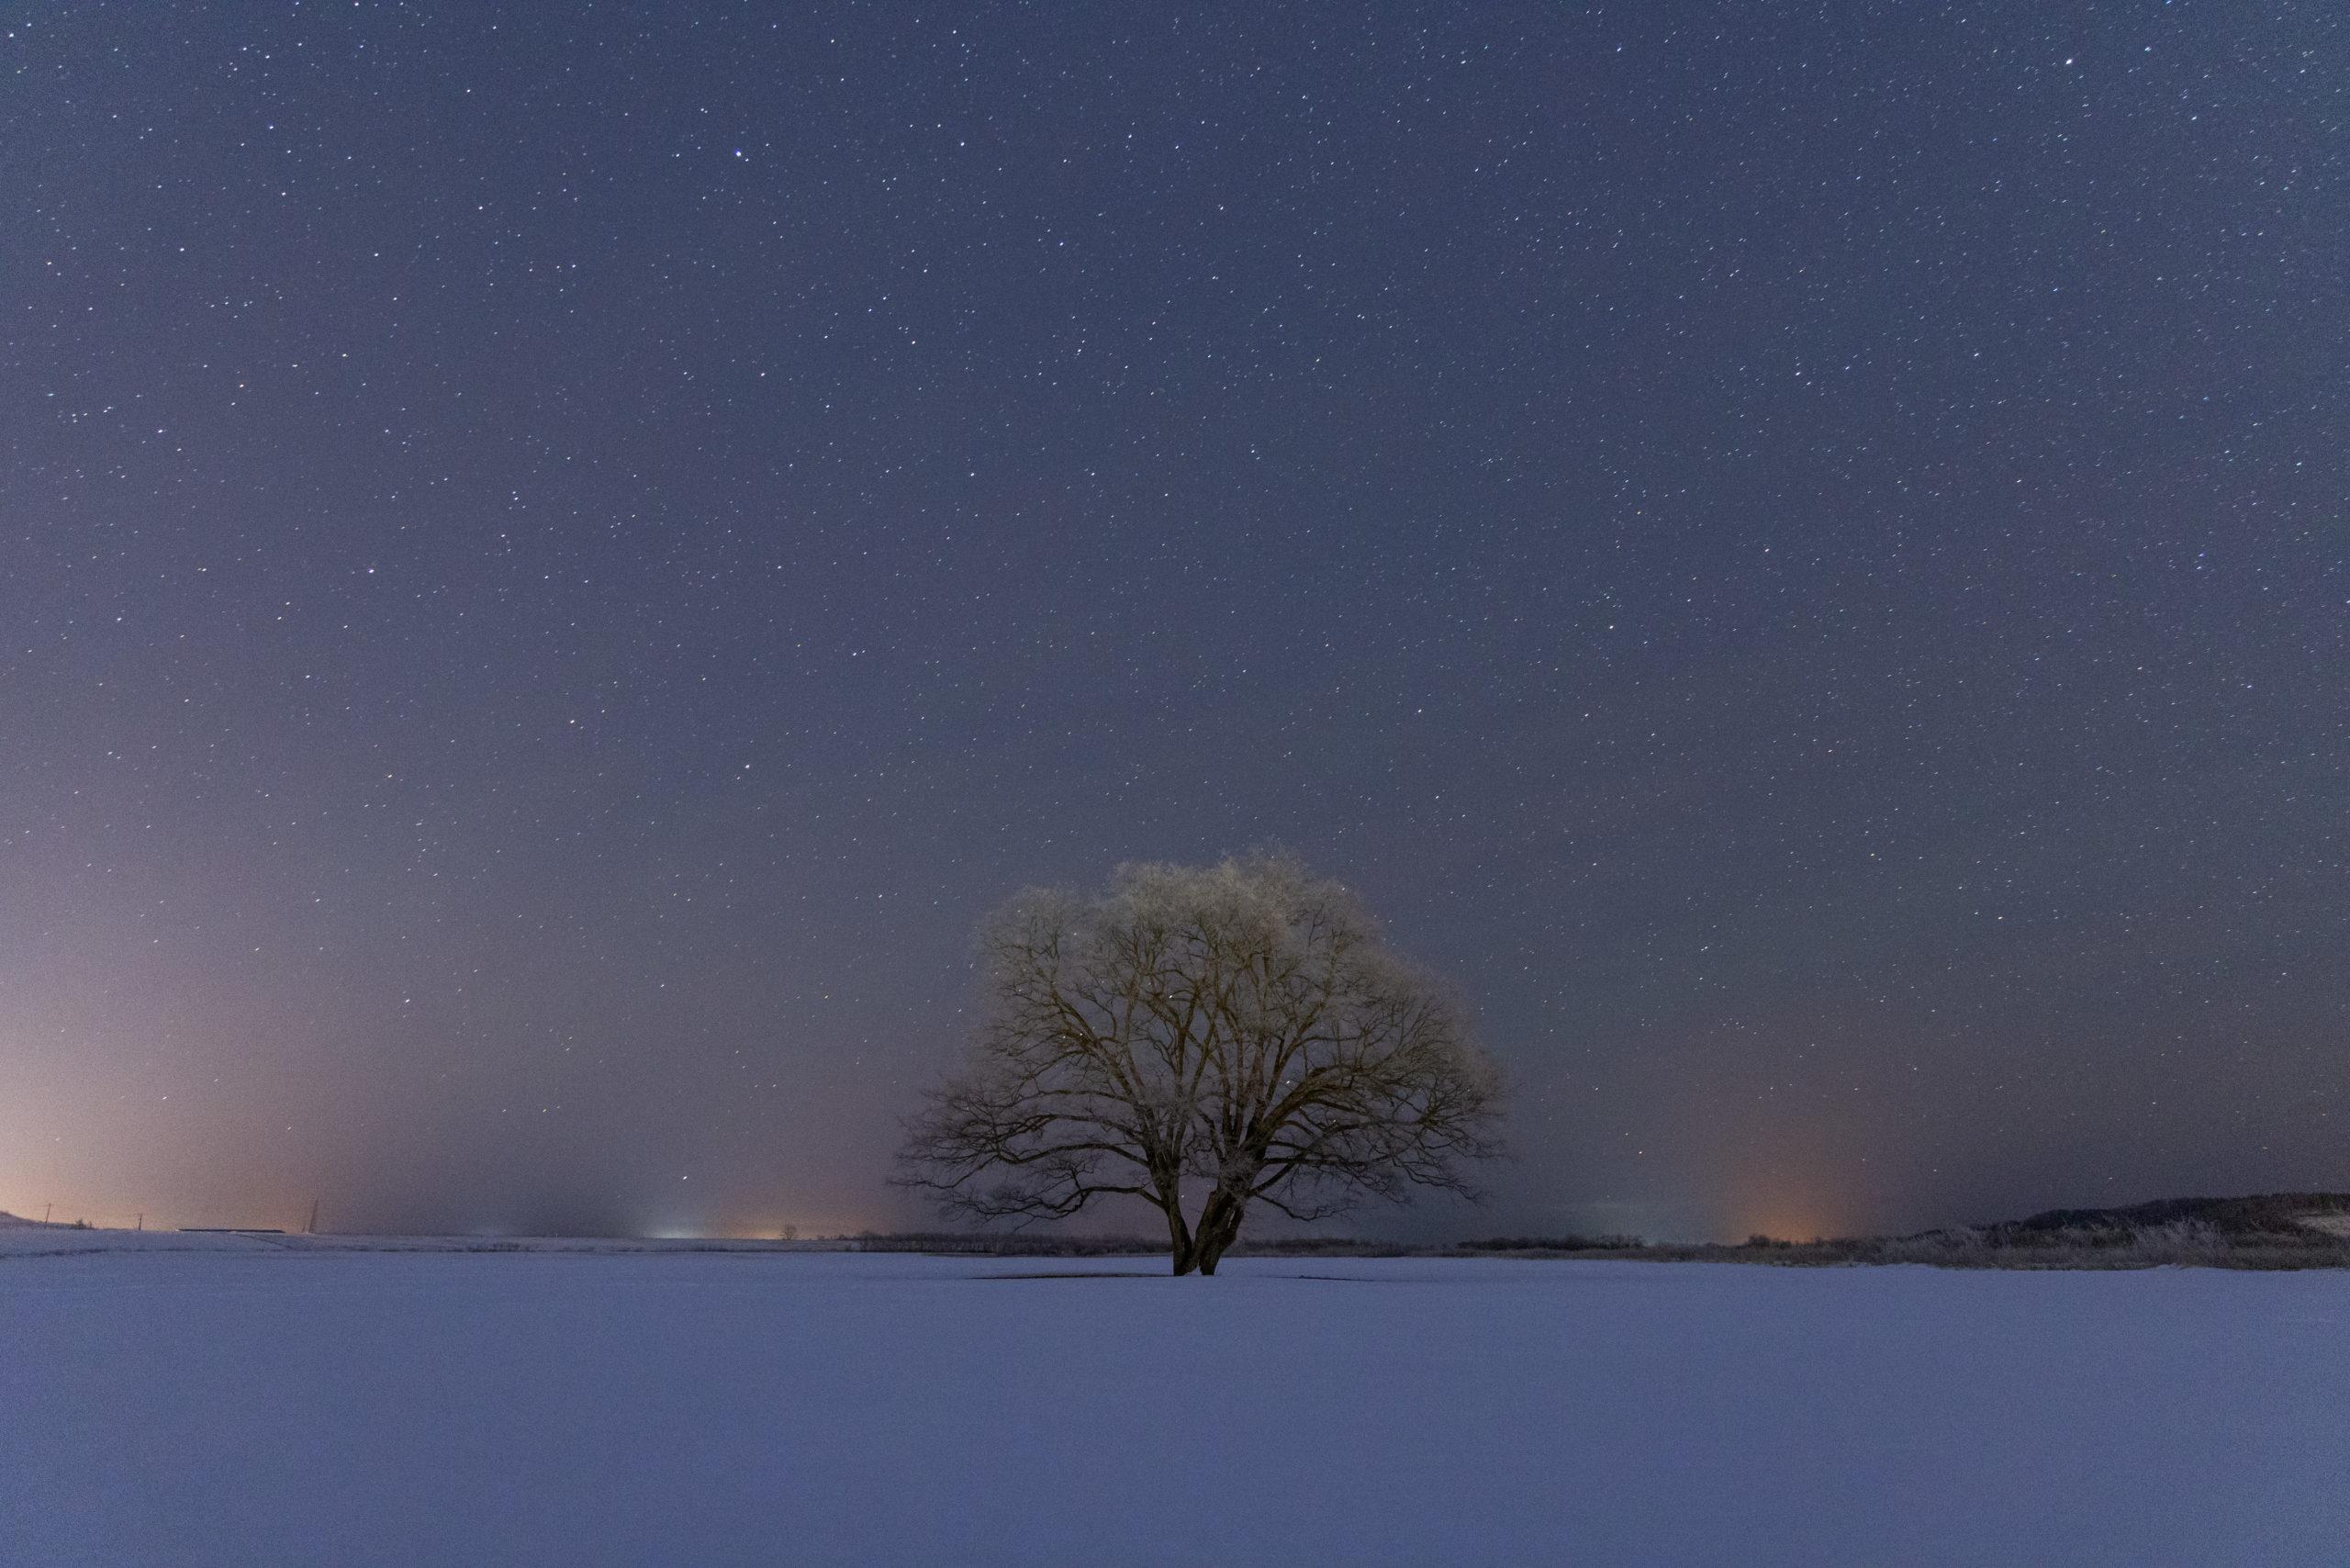 夜のはるにれの木